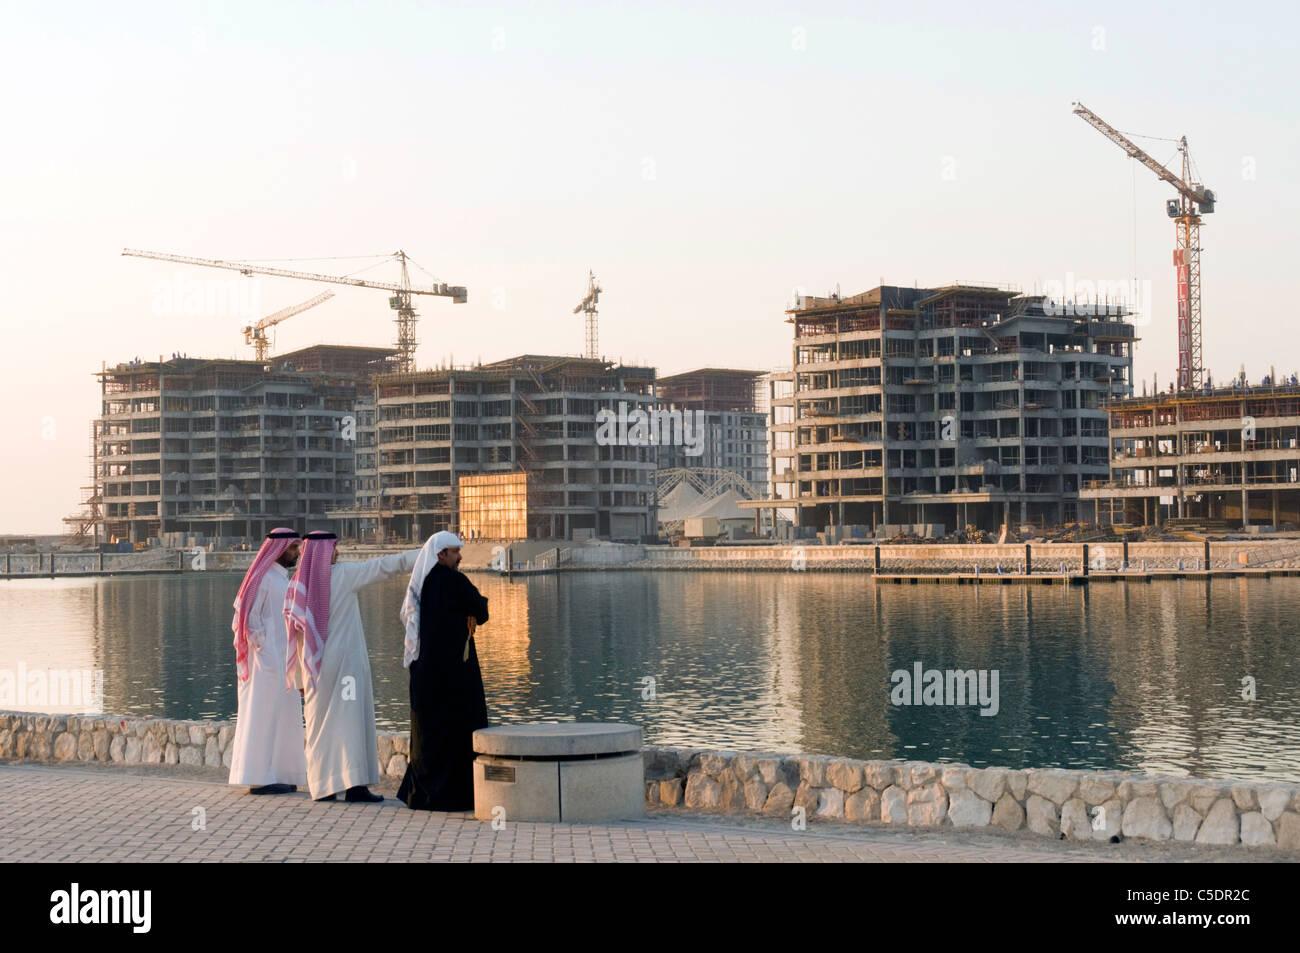 Elk204-1007 Bahrein, Manama, hombres árabes en traje tradicional mirando la construcción de gran altura Imagen De Stock